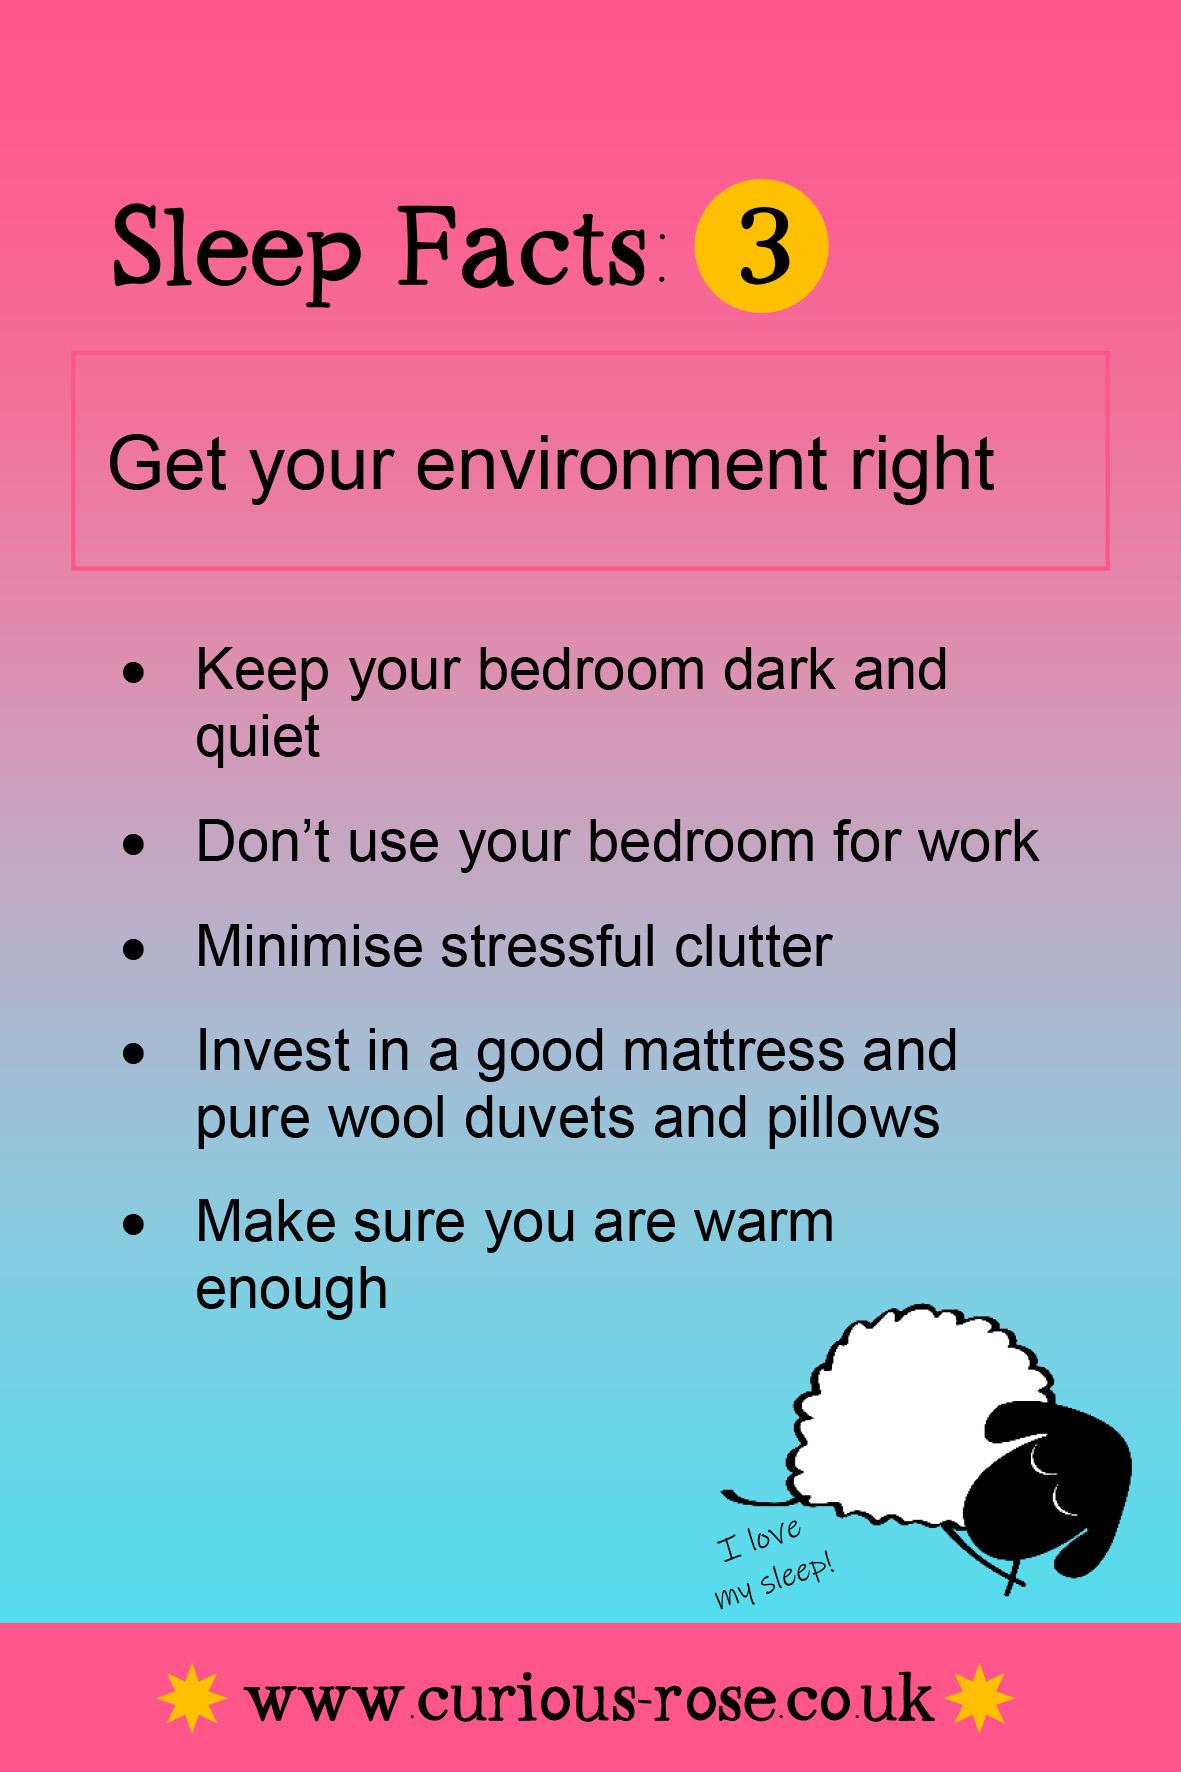 Sleep facts 3.jpg